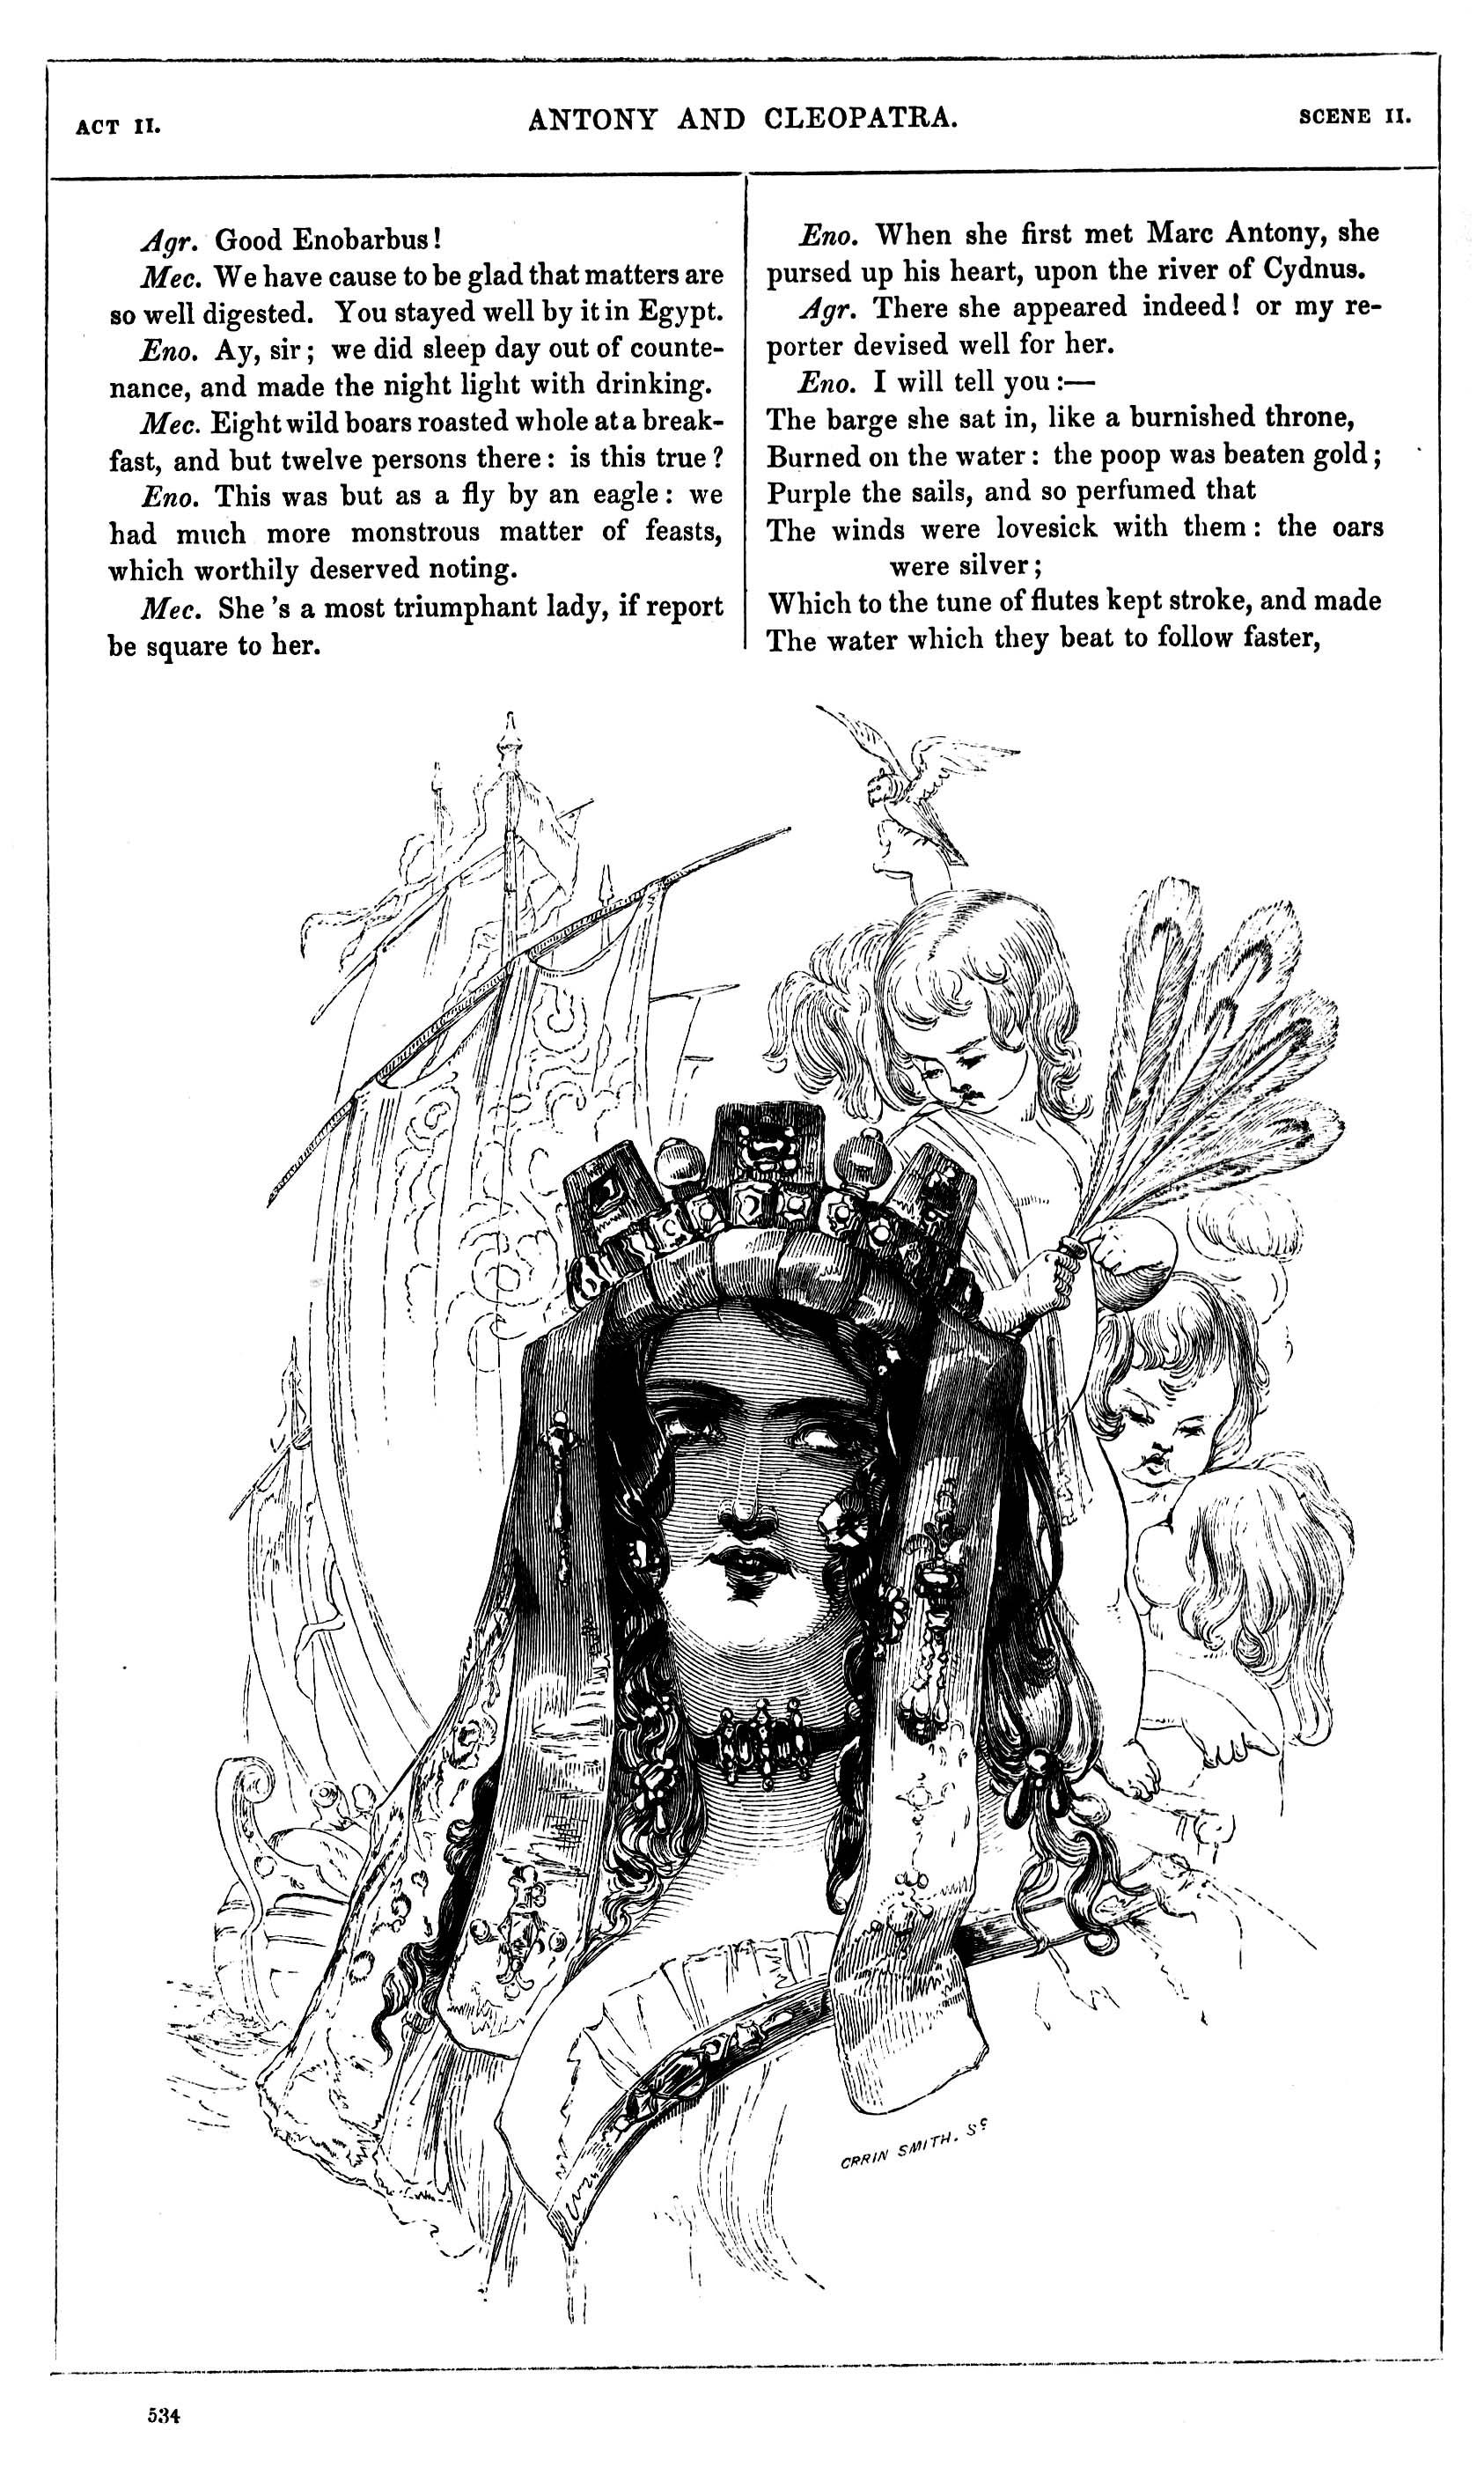 Kenny Meadows, Antony and Cleopatra, Illustration #9